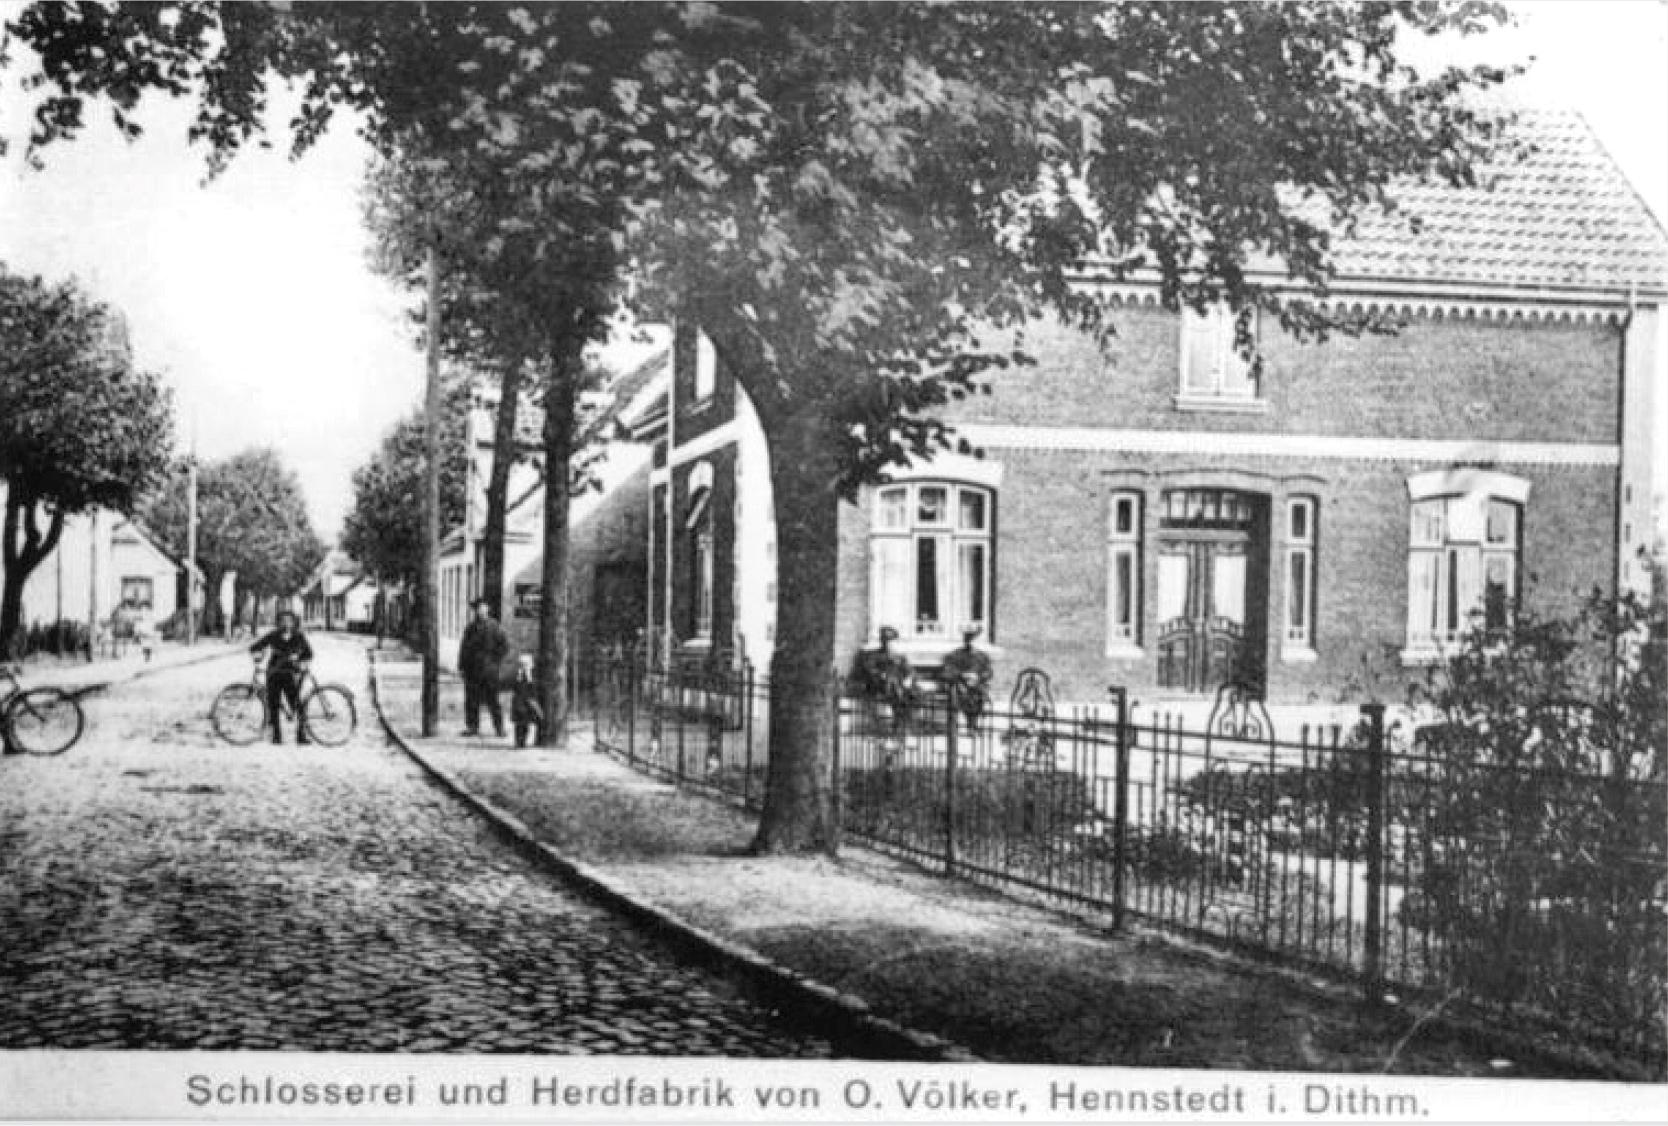 dorf_bilder/Chronik-Hennstedt-296-3.jpg